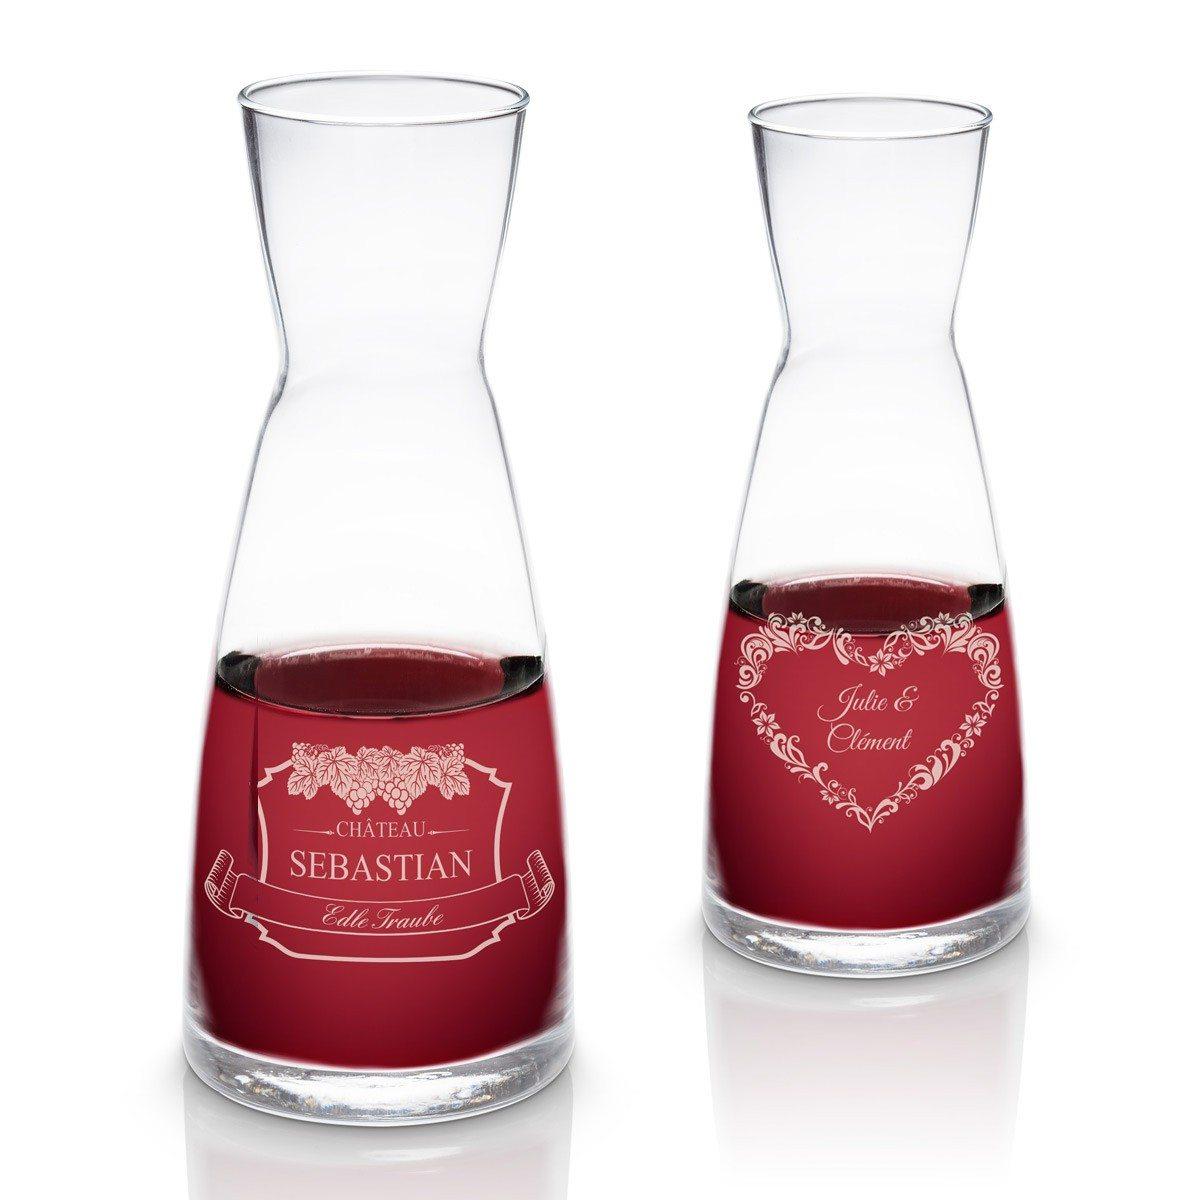 Wijnkaraf met gravuur